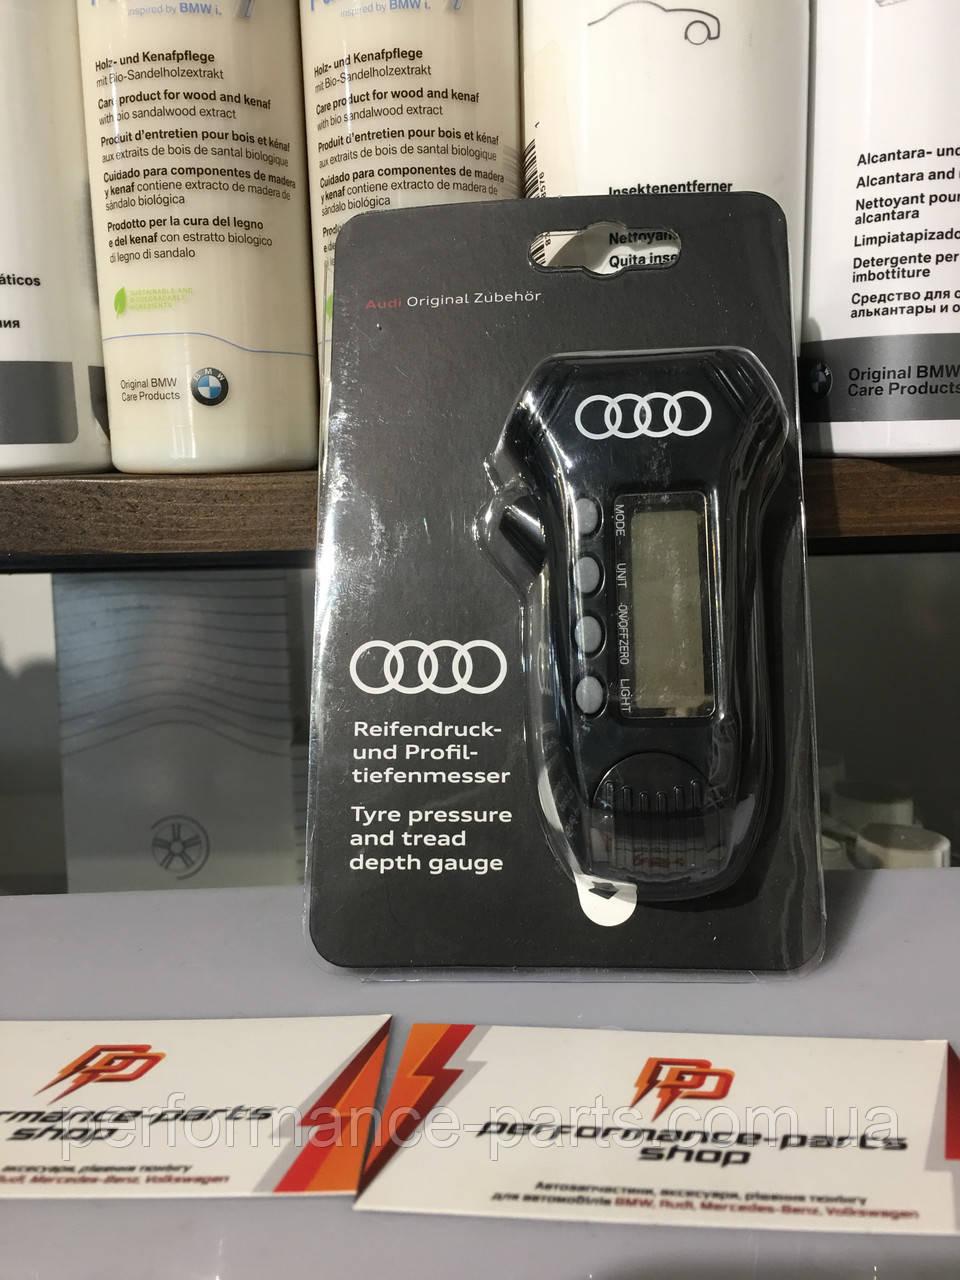 Цифровой прибор для проверки давления в шинах, глубины протектора и светодиодная подсветка.8W0093107. Оригинал